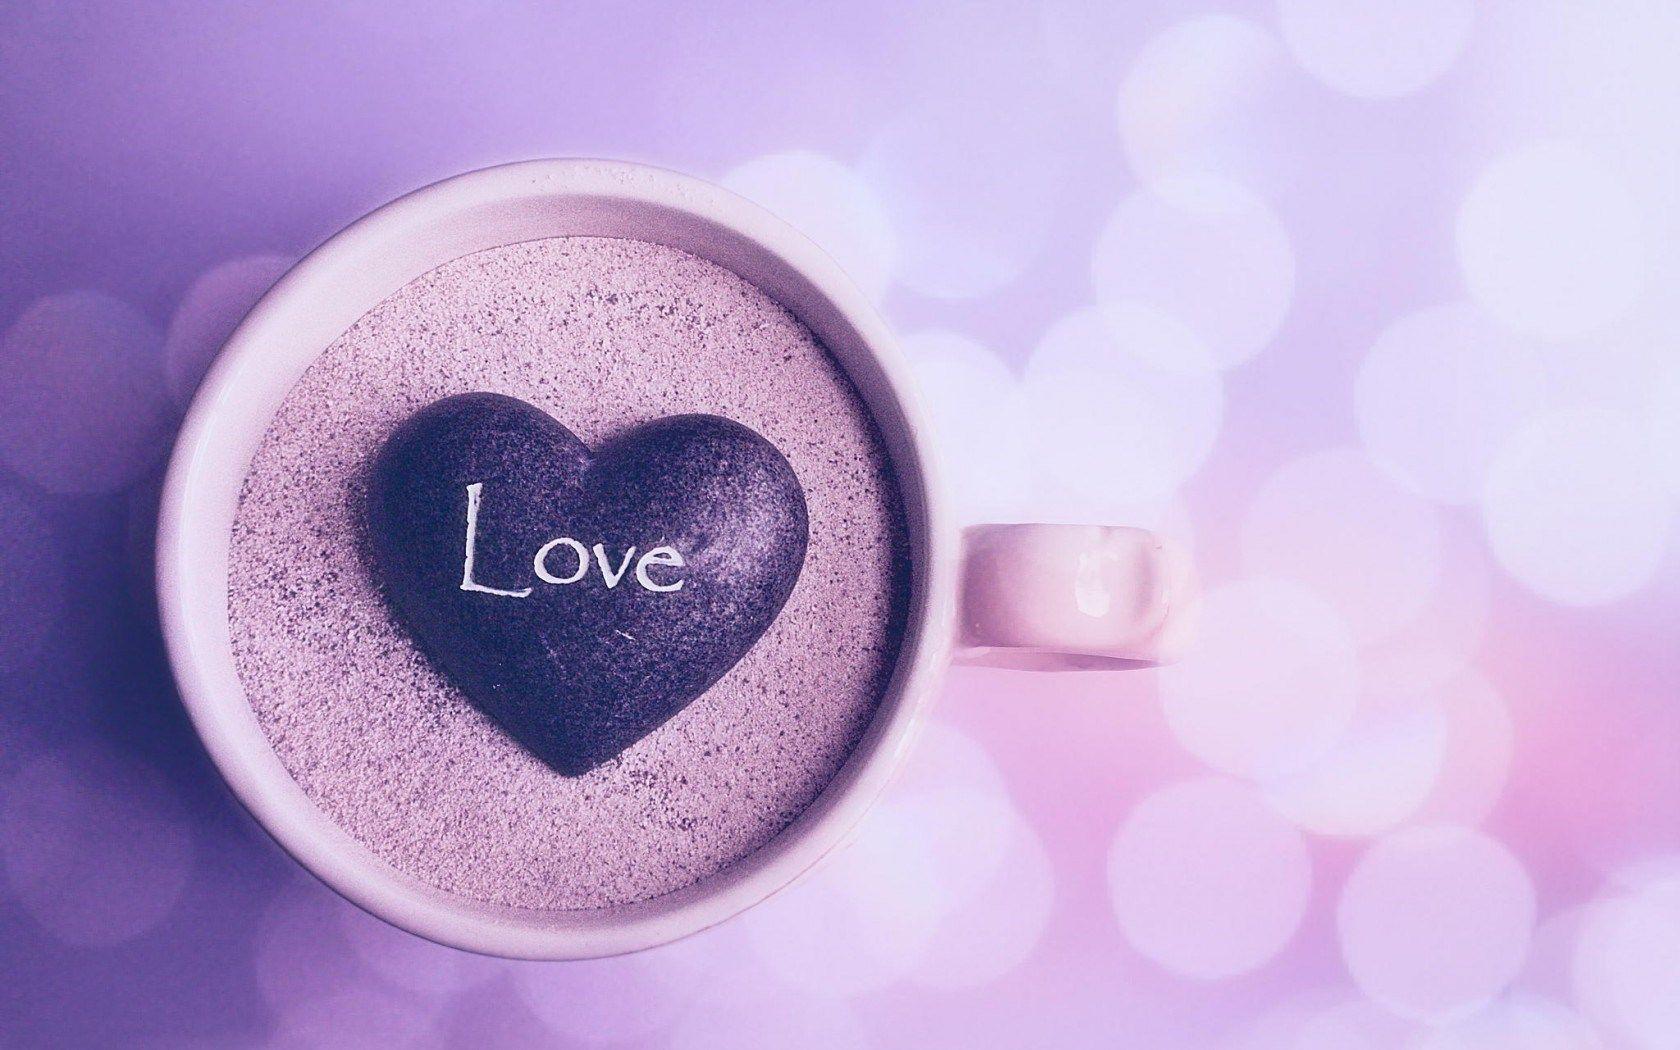 эффектно картинки о любви и нежности любимому на английском окраску камню